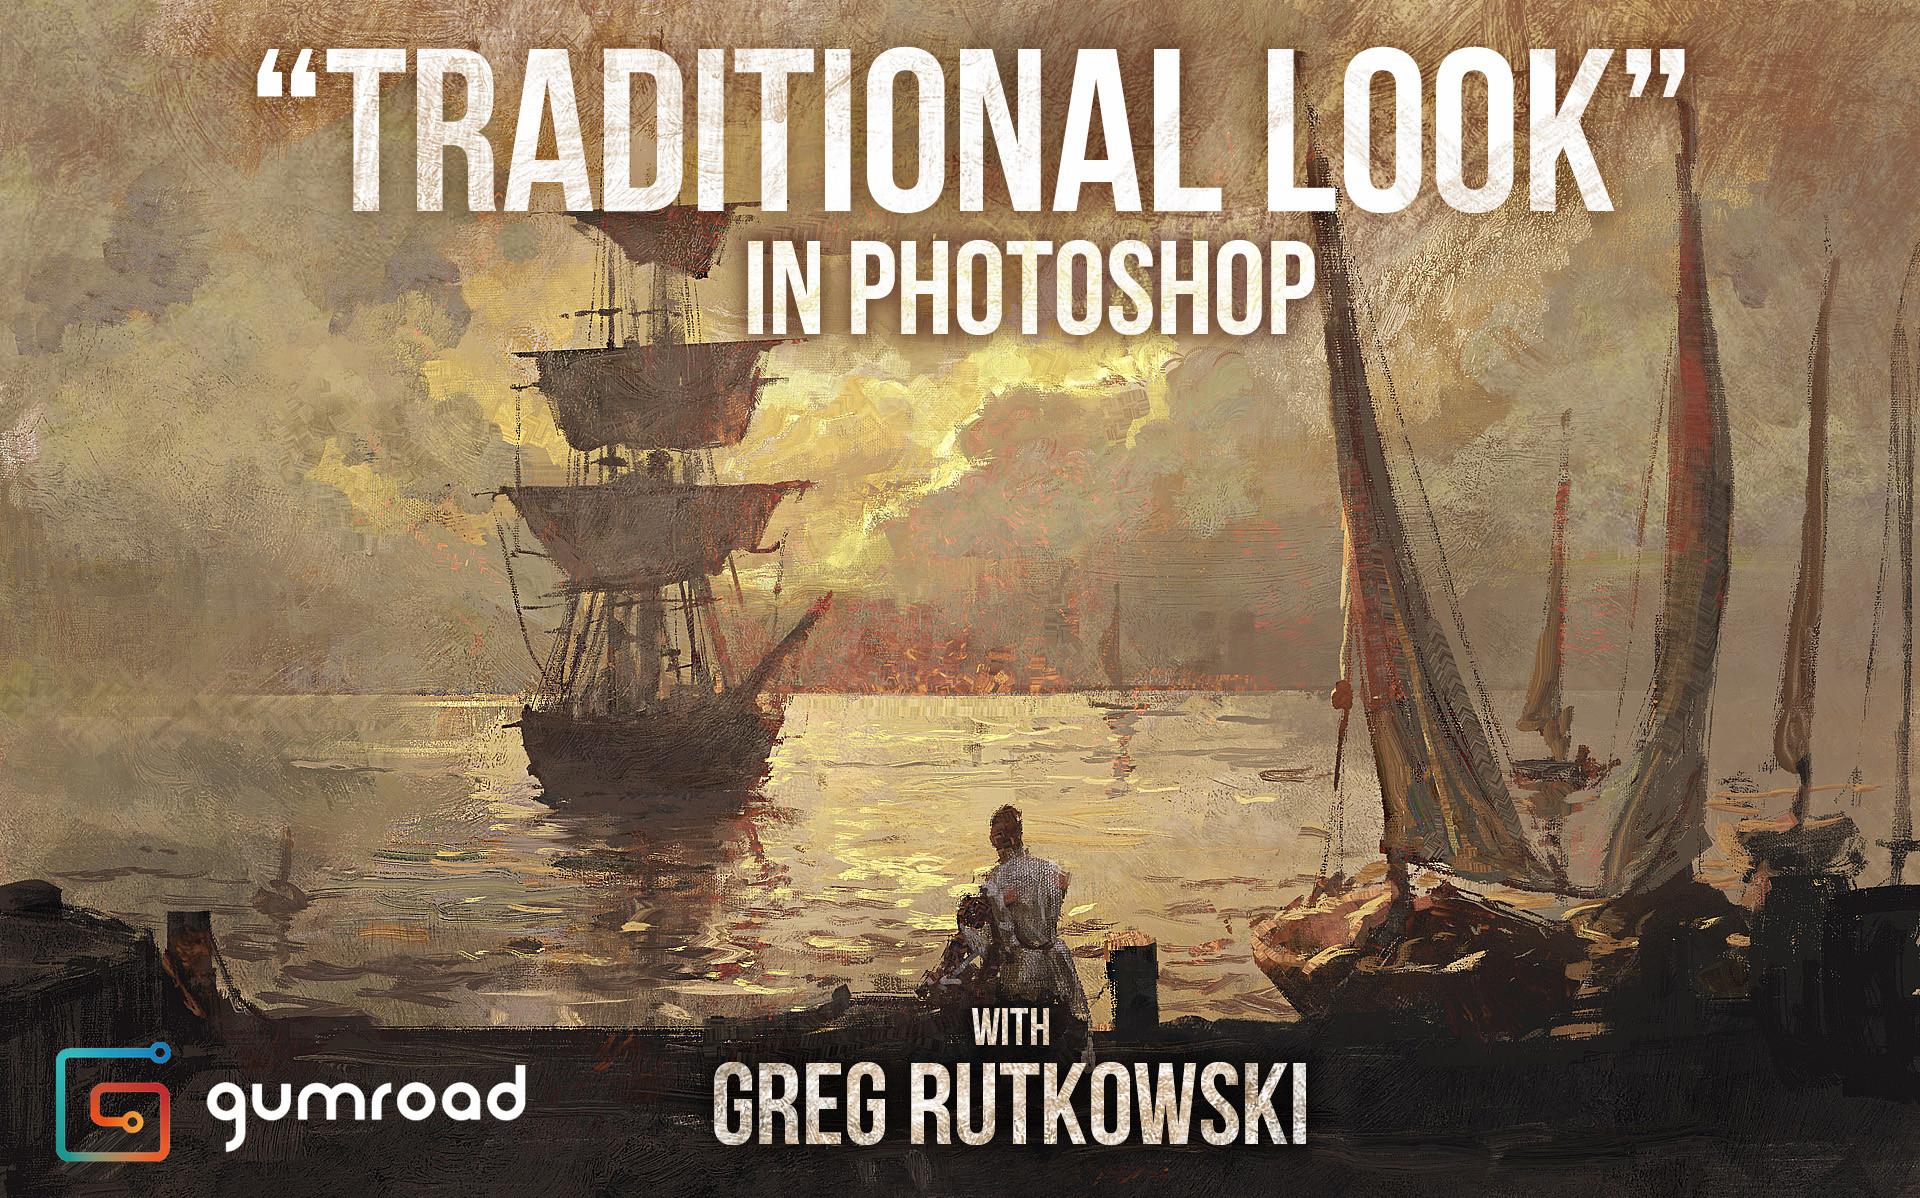 Greg rutkowski gumrox 02 1920 banner